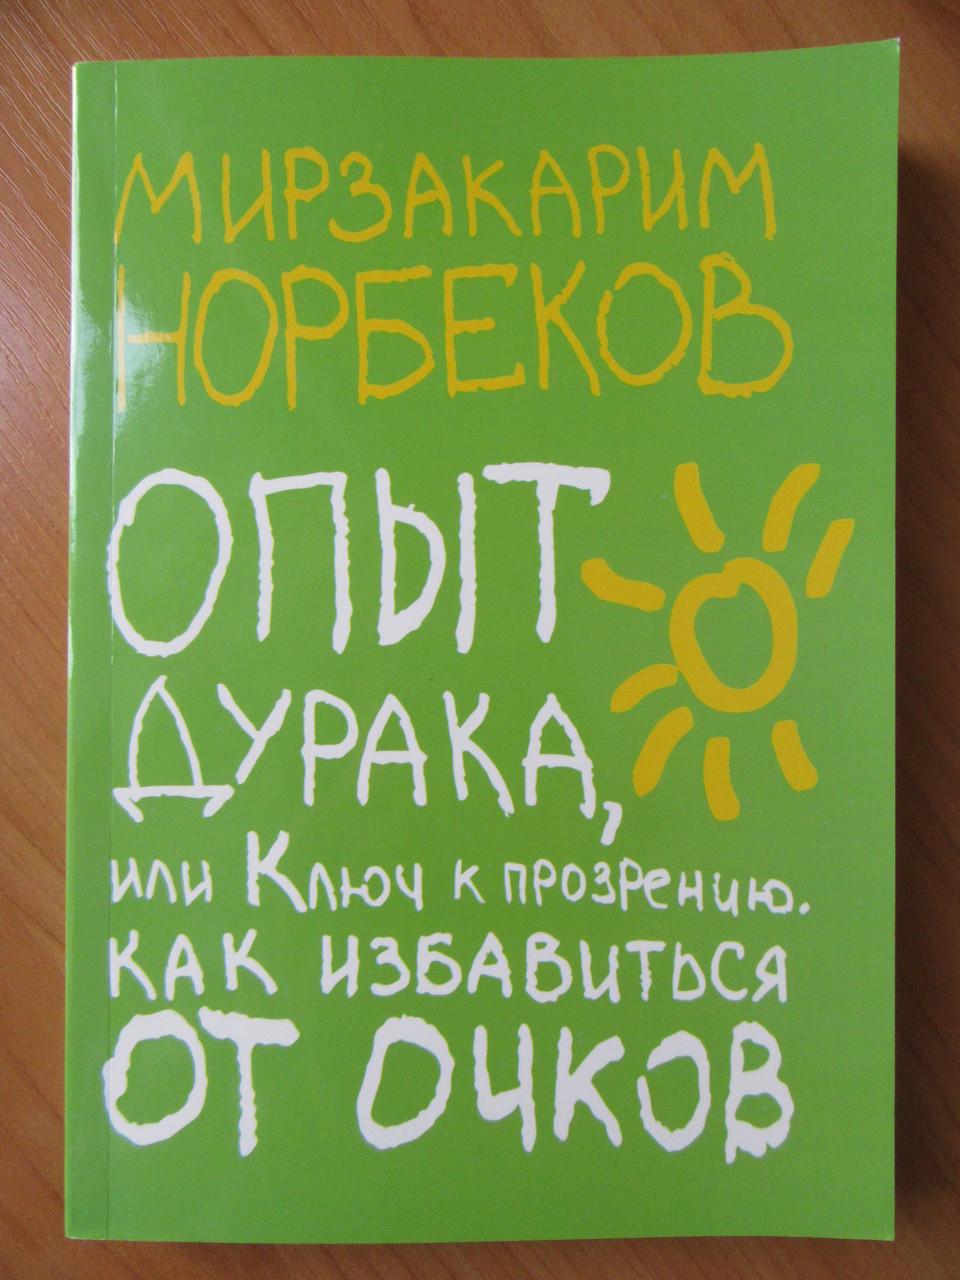 М.С. Норбеков. Опыт дурака, или ключ к прозрению. Как избавиться от очков